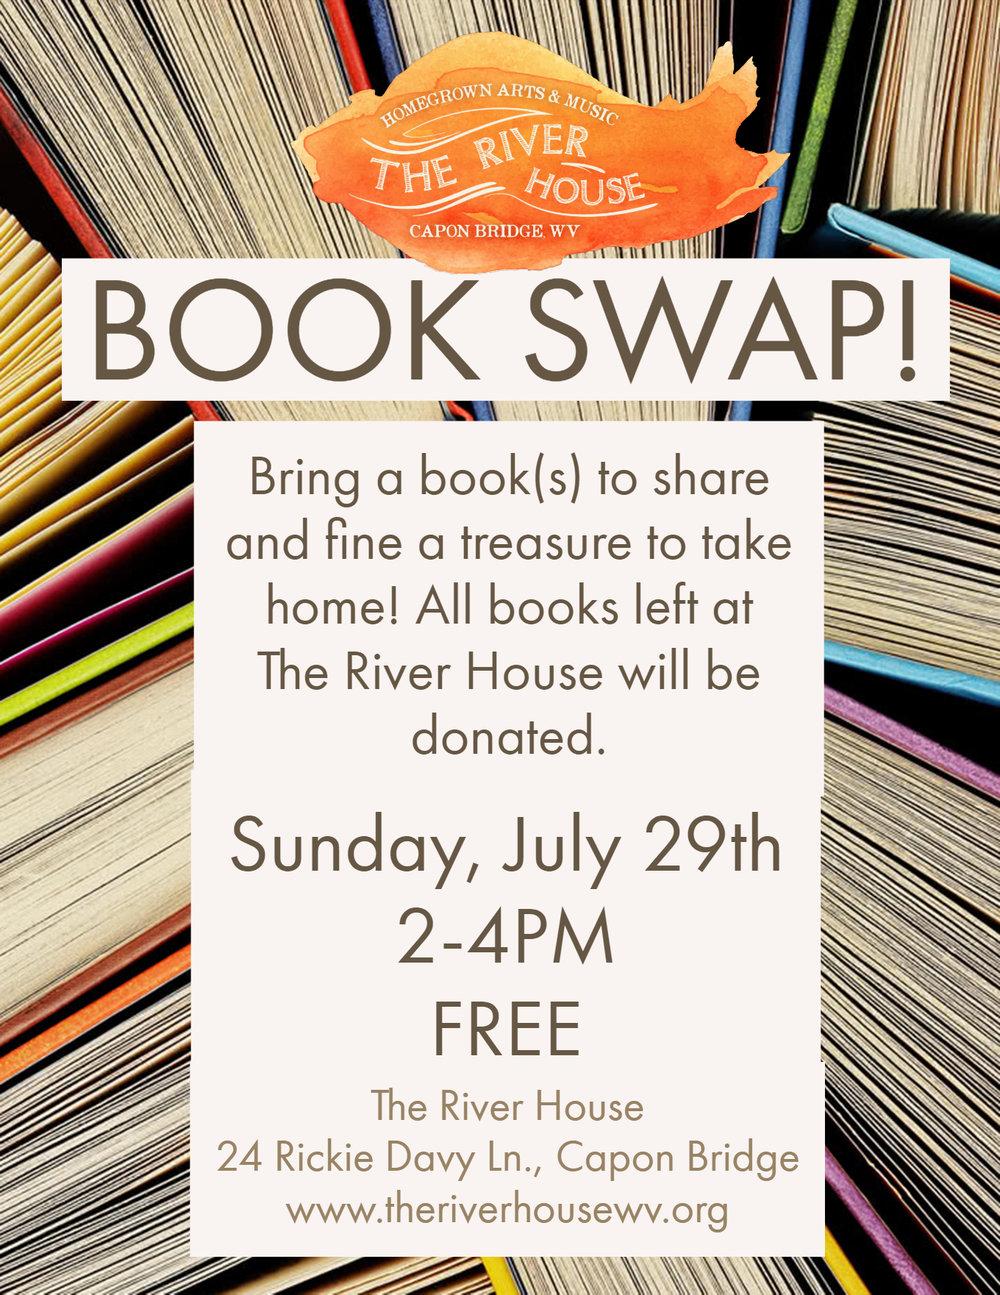 Book Swap Flyer.jpg